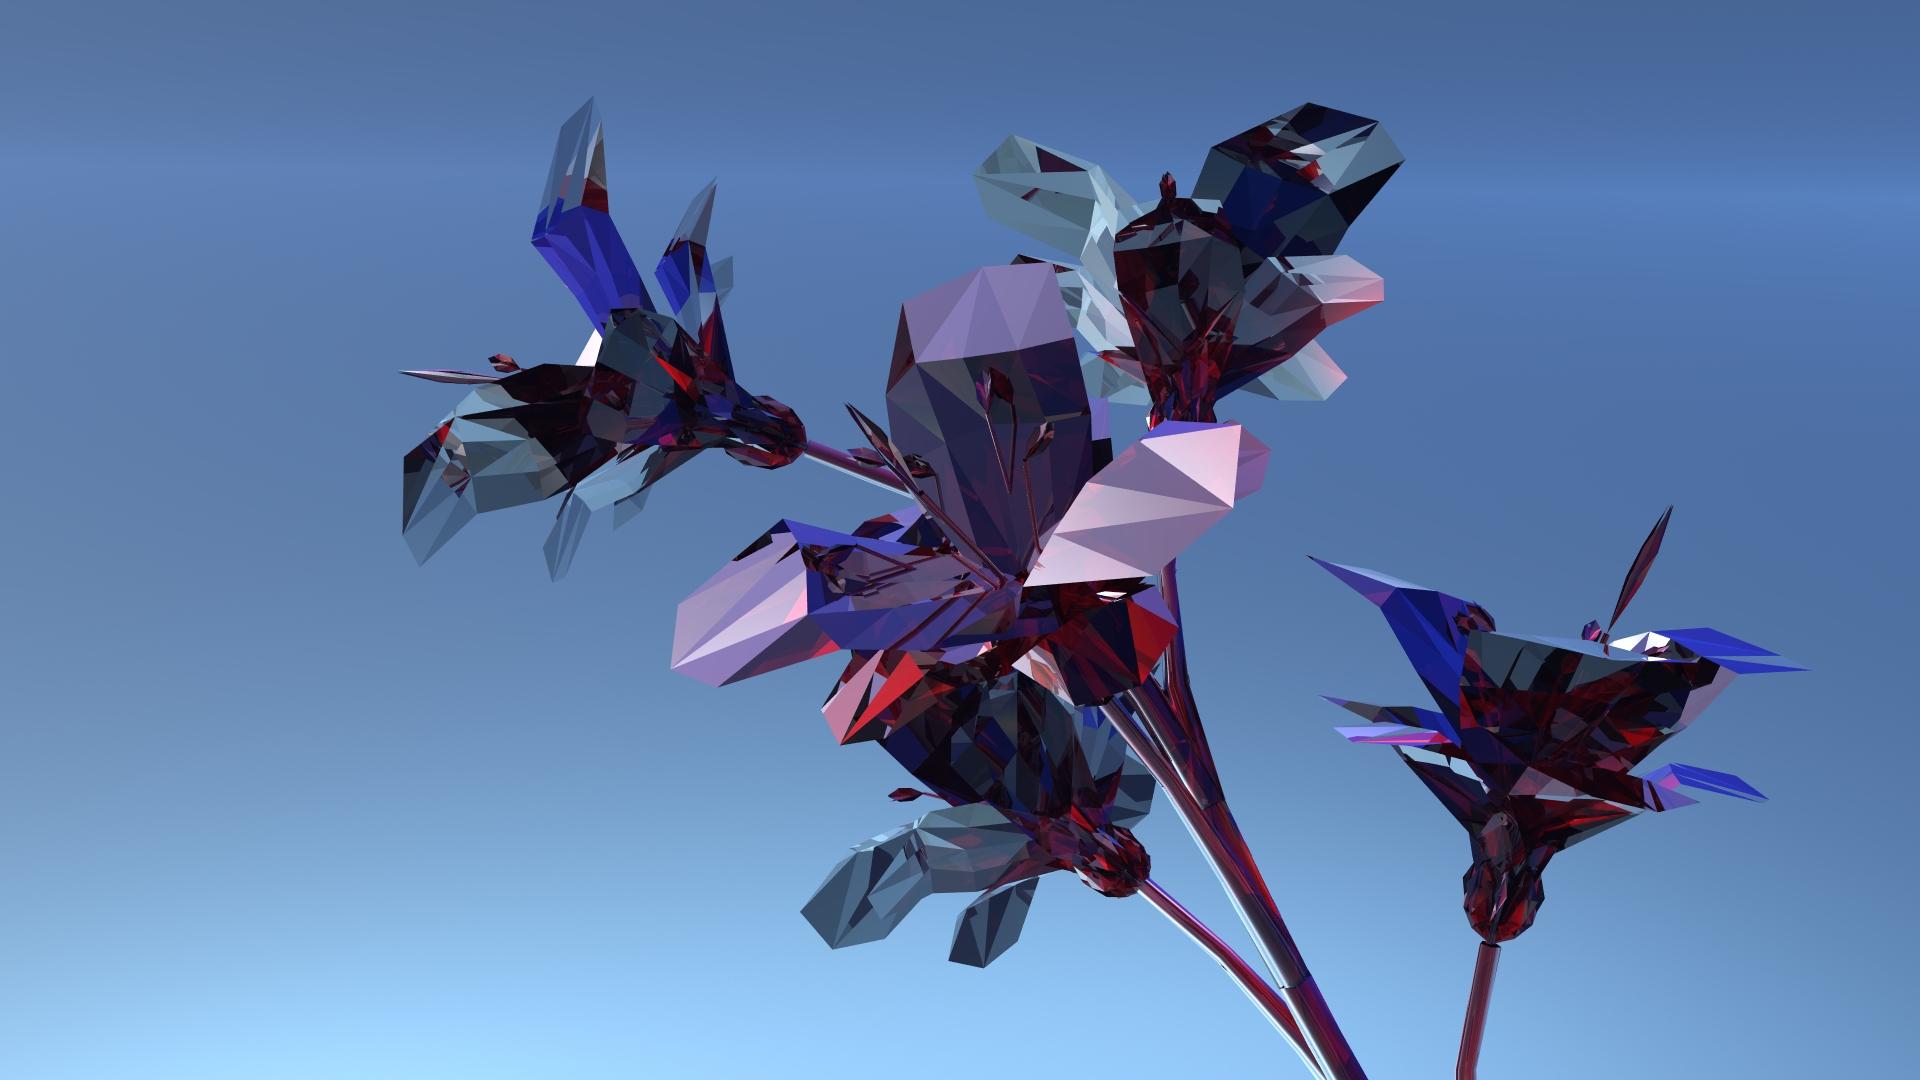 Diamond flowers by Topas2012